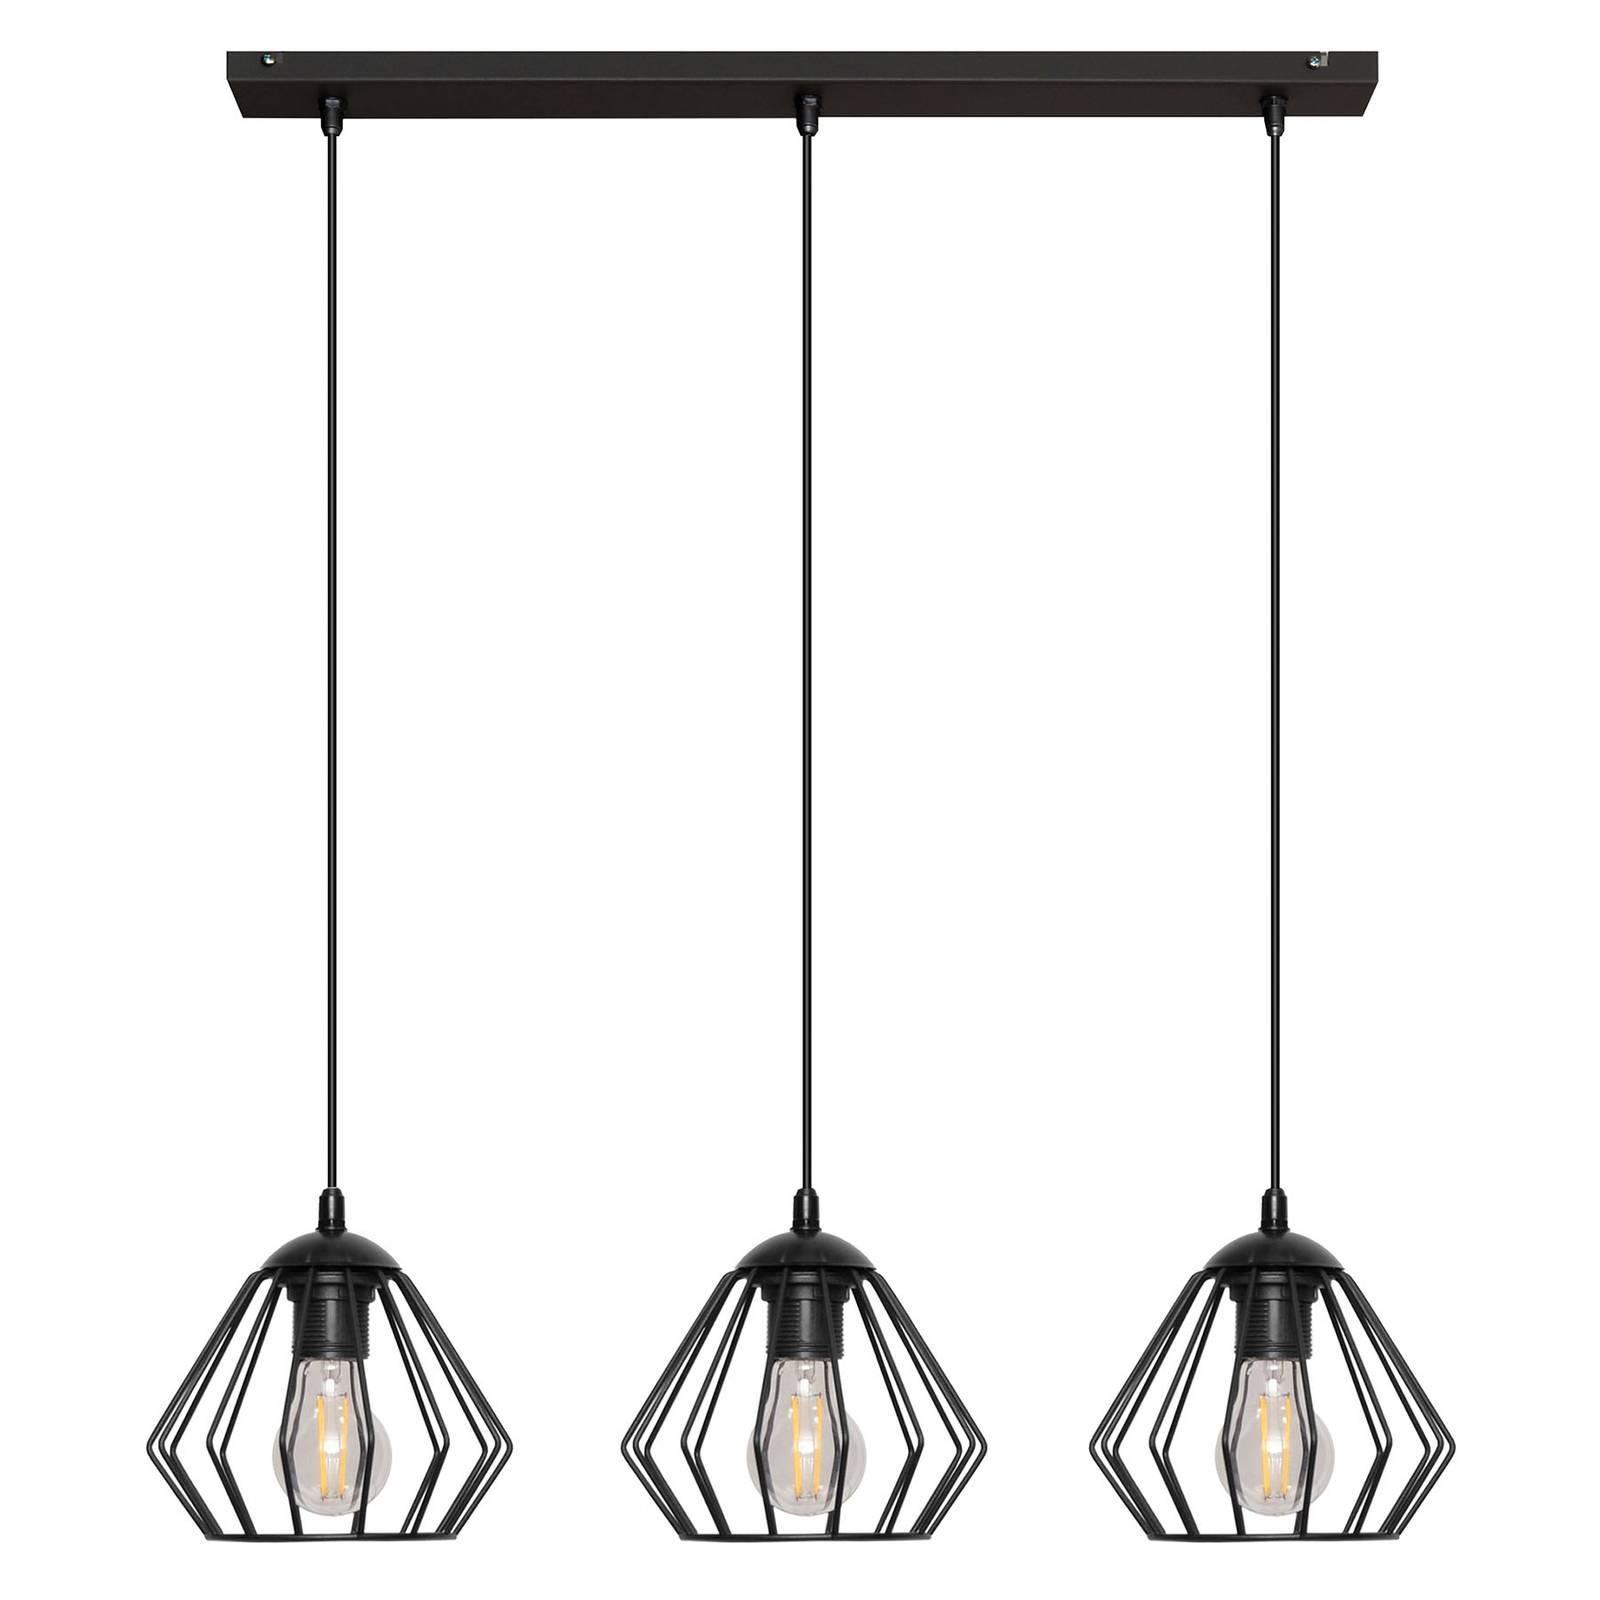 Riippuvalo Agat musta, 3-lamppuinen, pitkä